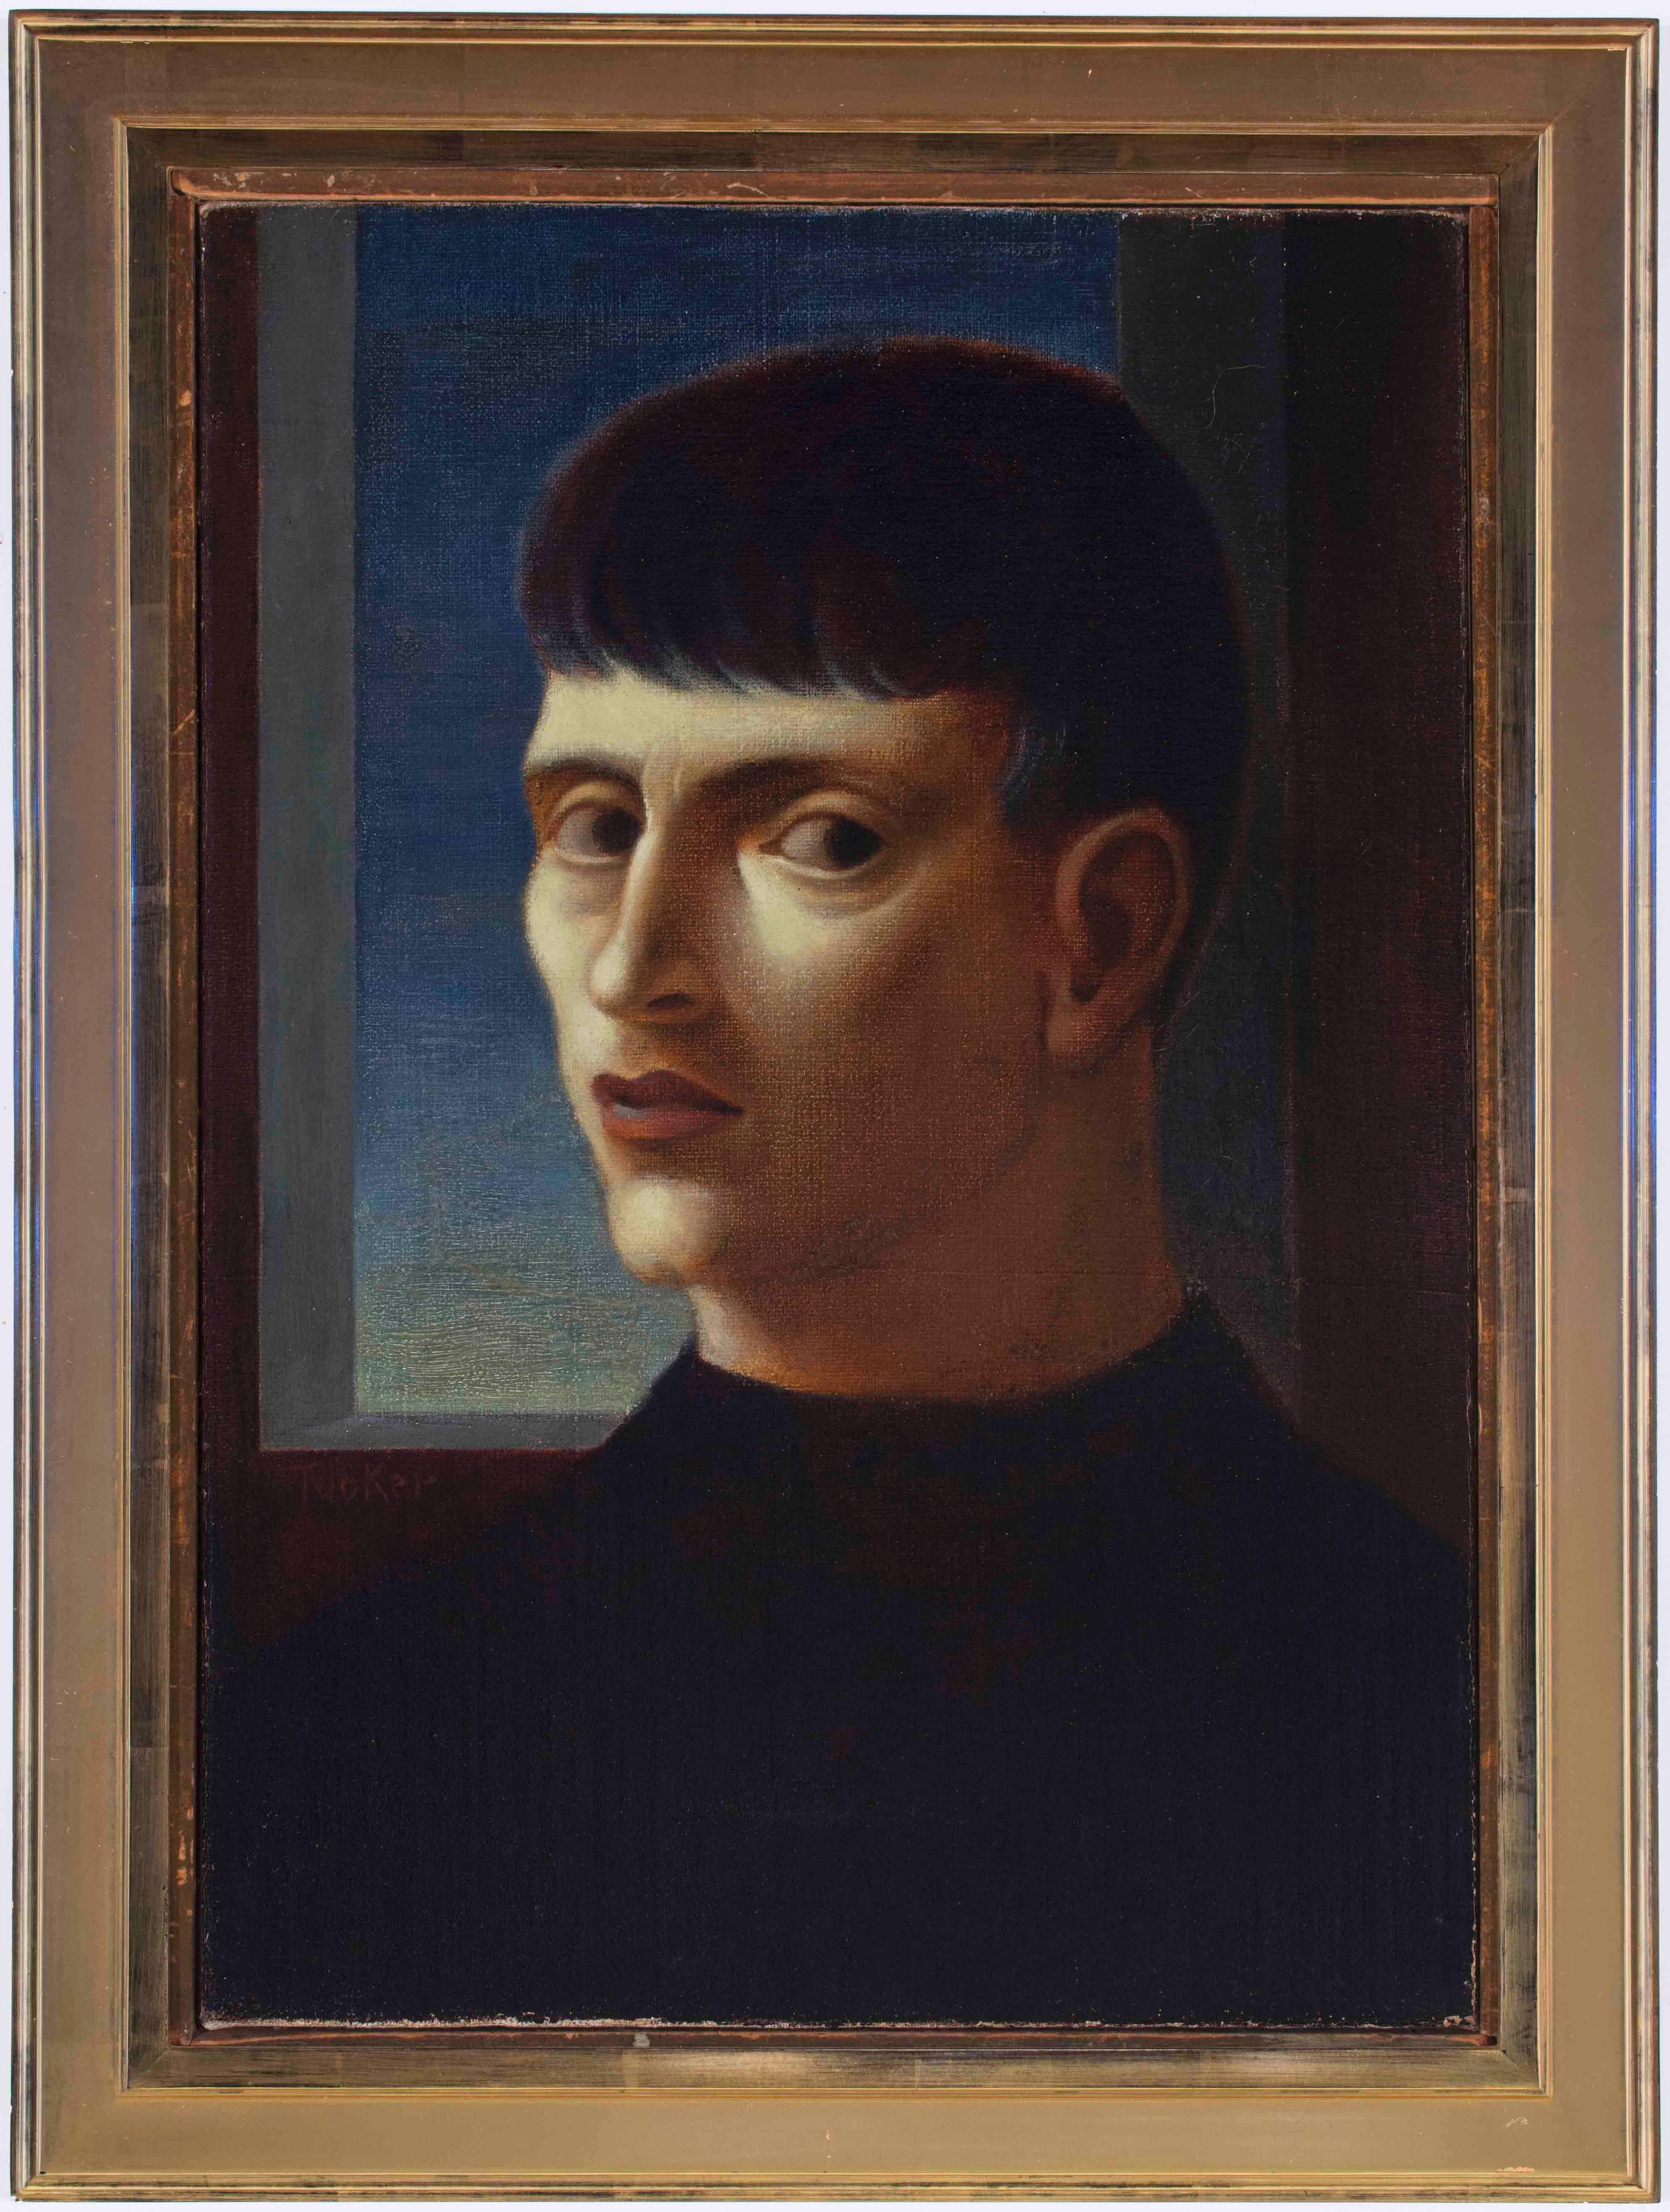 PORTRAIT HEAD OF JARO FABRY